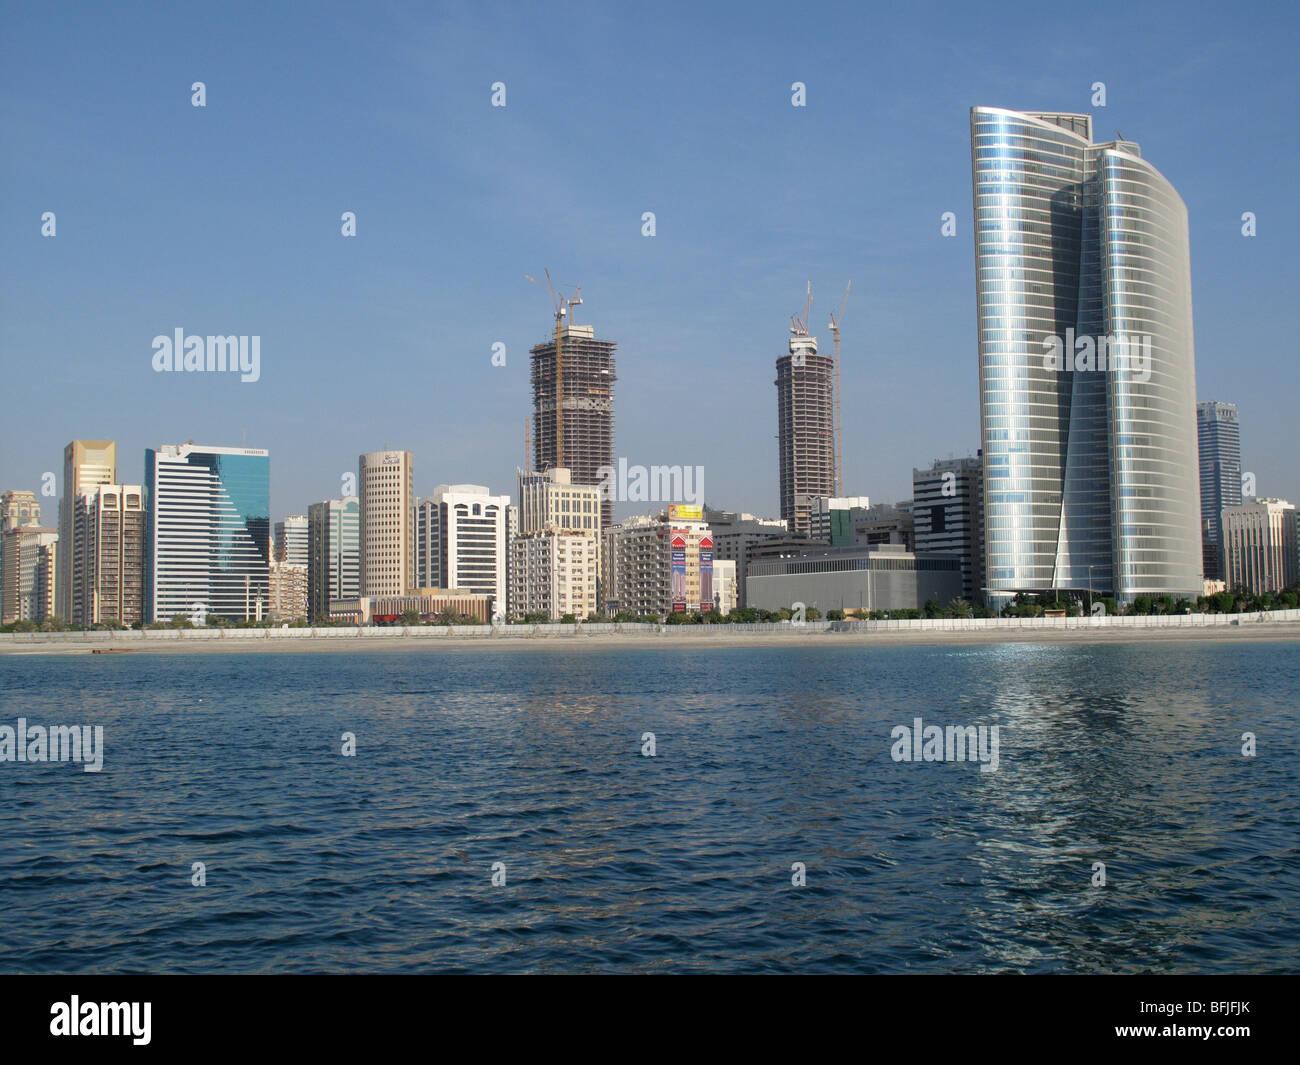 Moderni edifici alti sul lungomare Corniche, Abu Dhabi, Emirati arabi uniti Immagini Stock